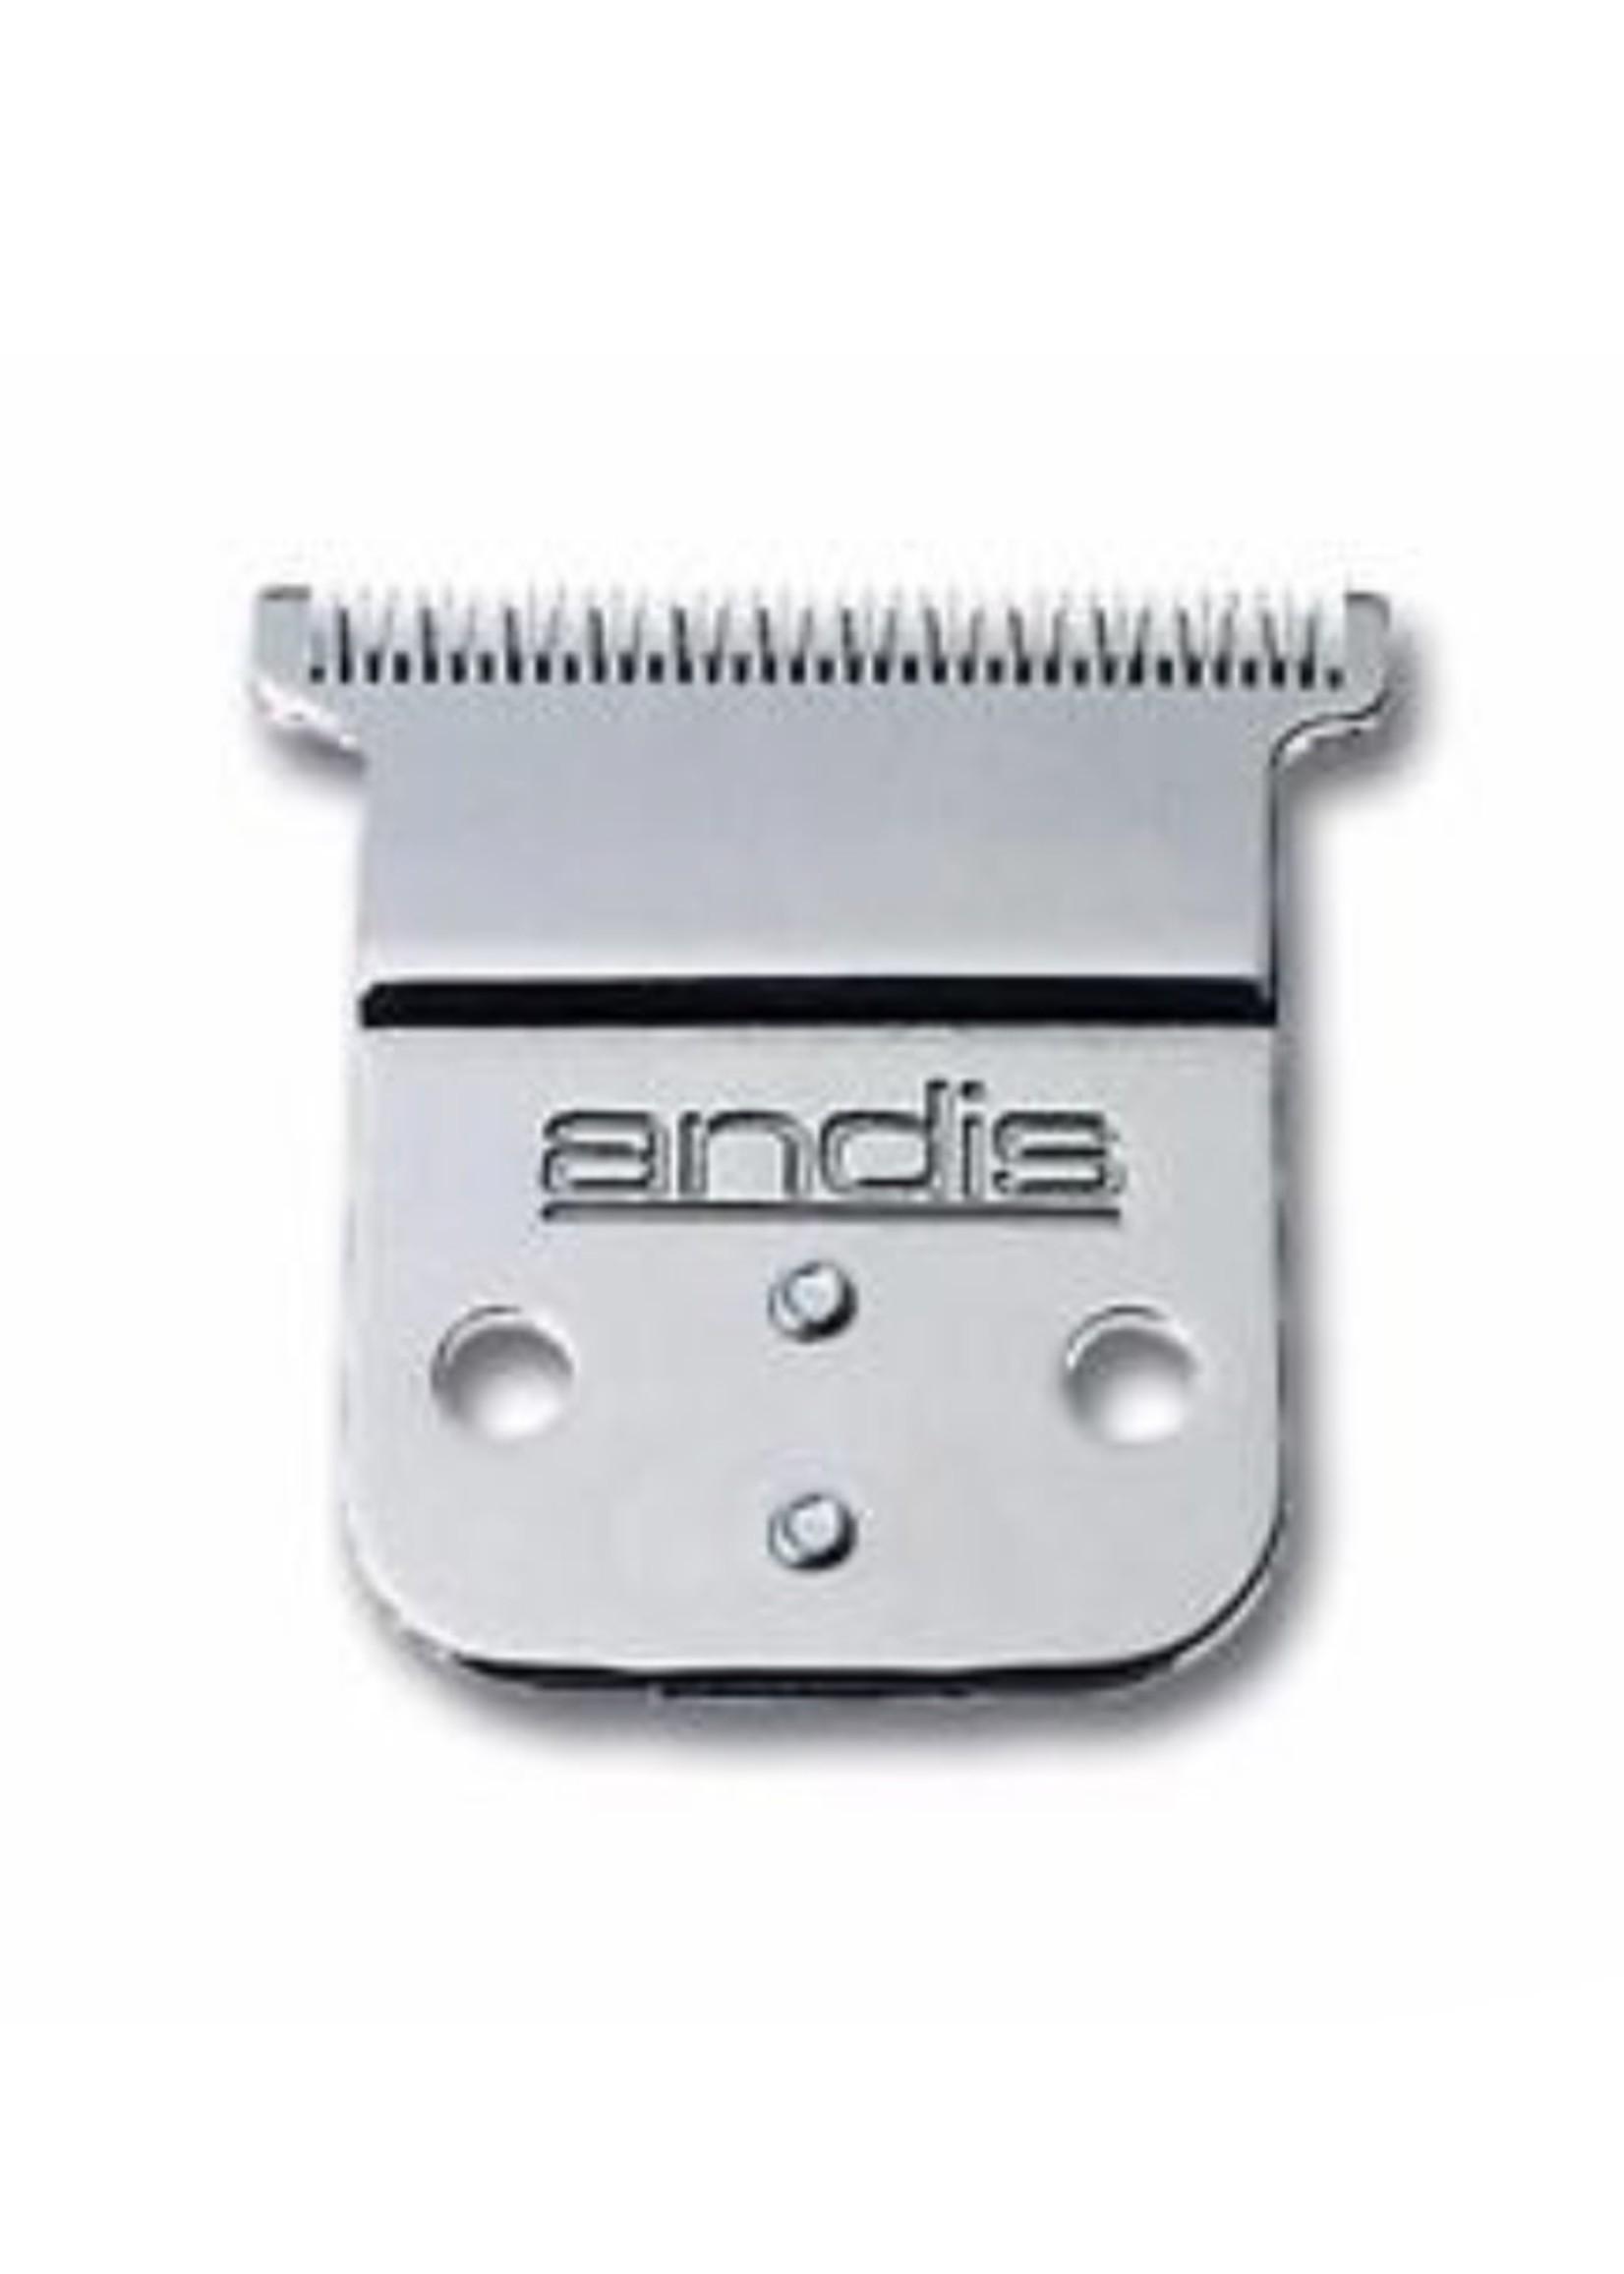 Andis Andis Slimline Pro Li Blade Set